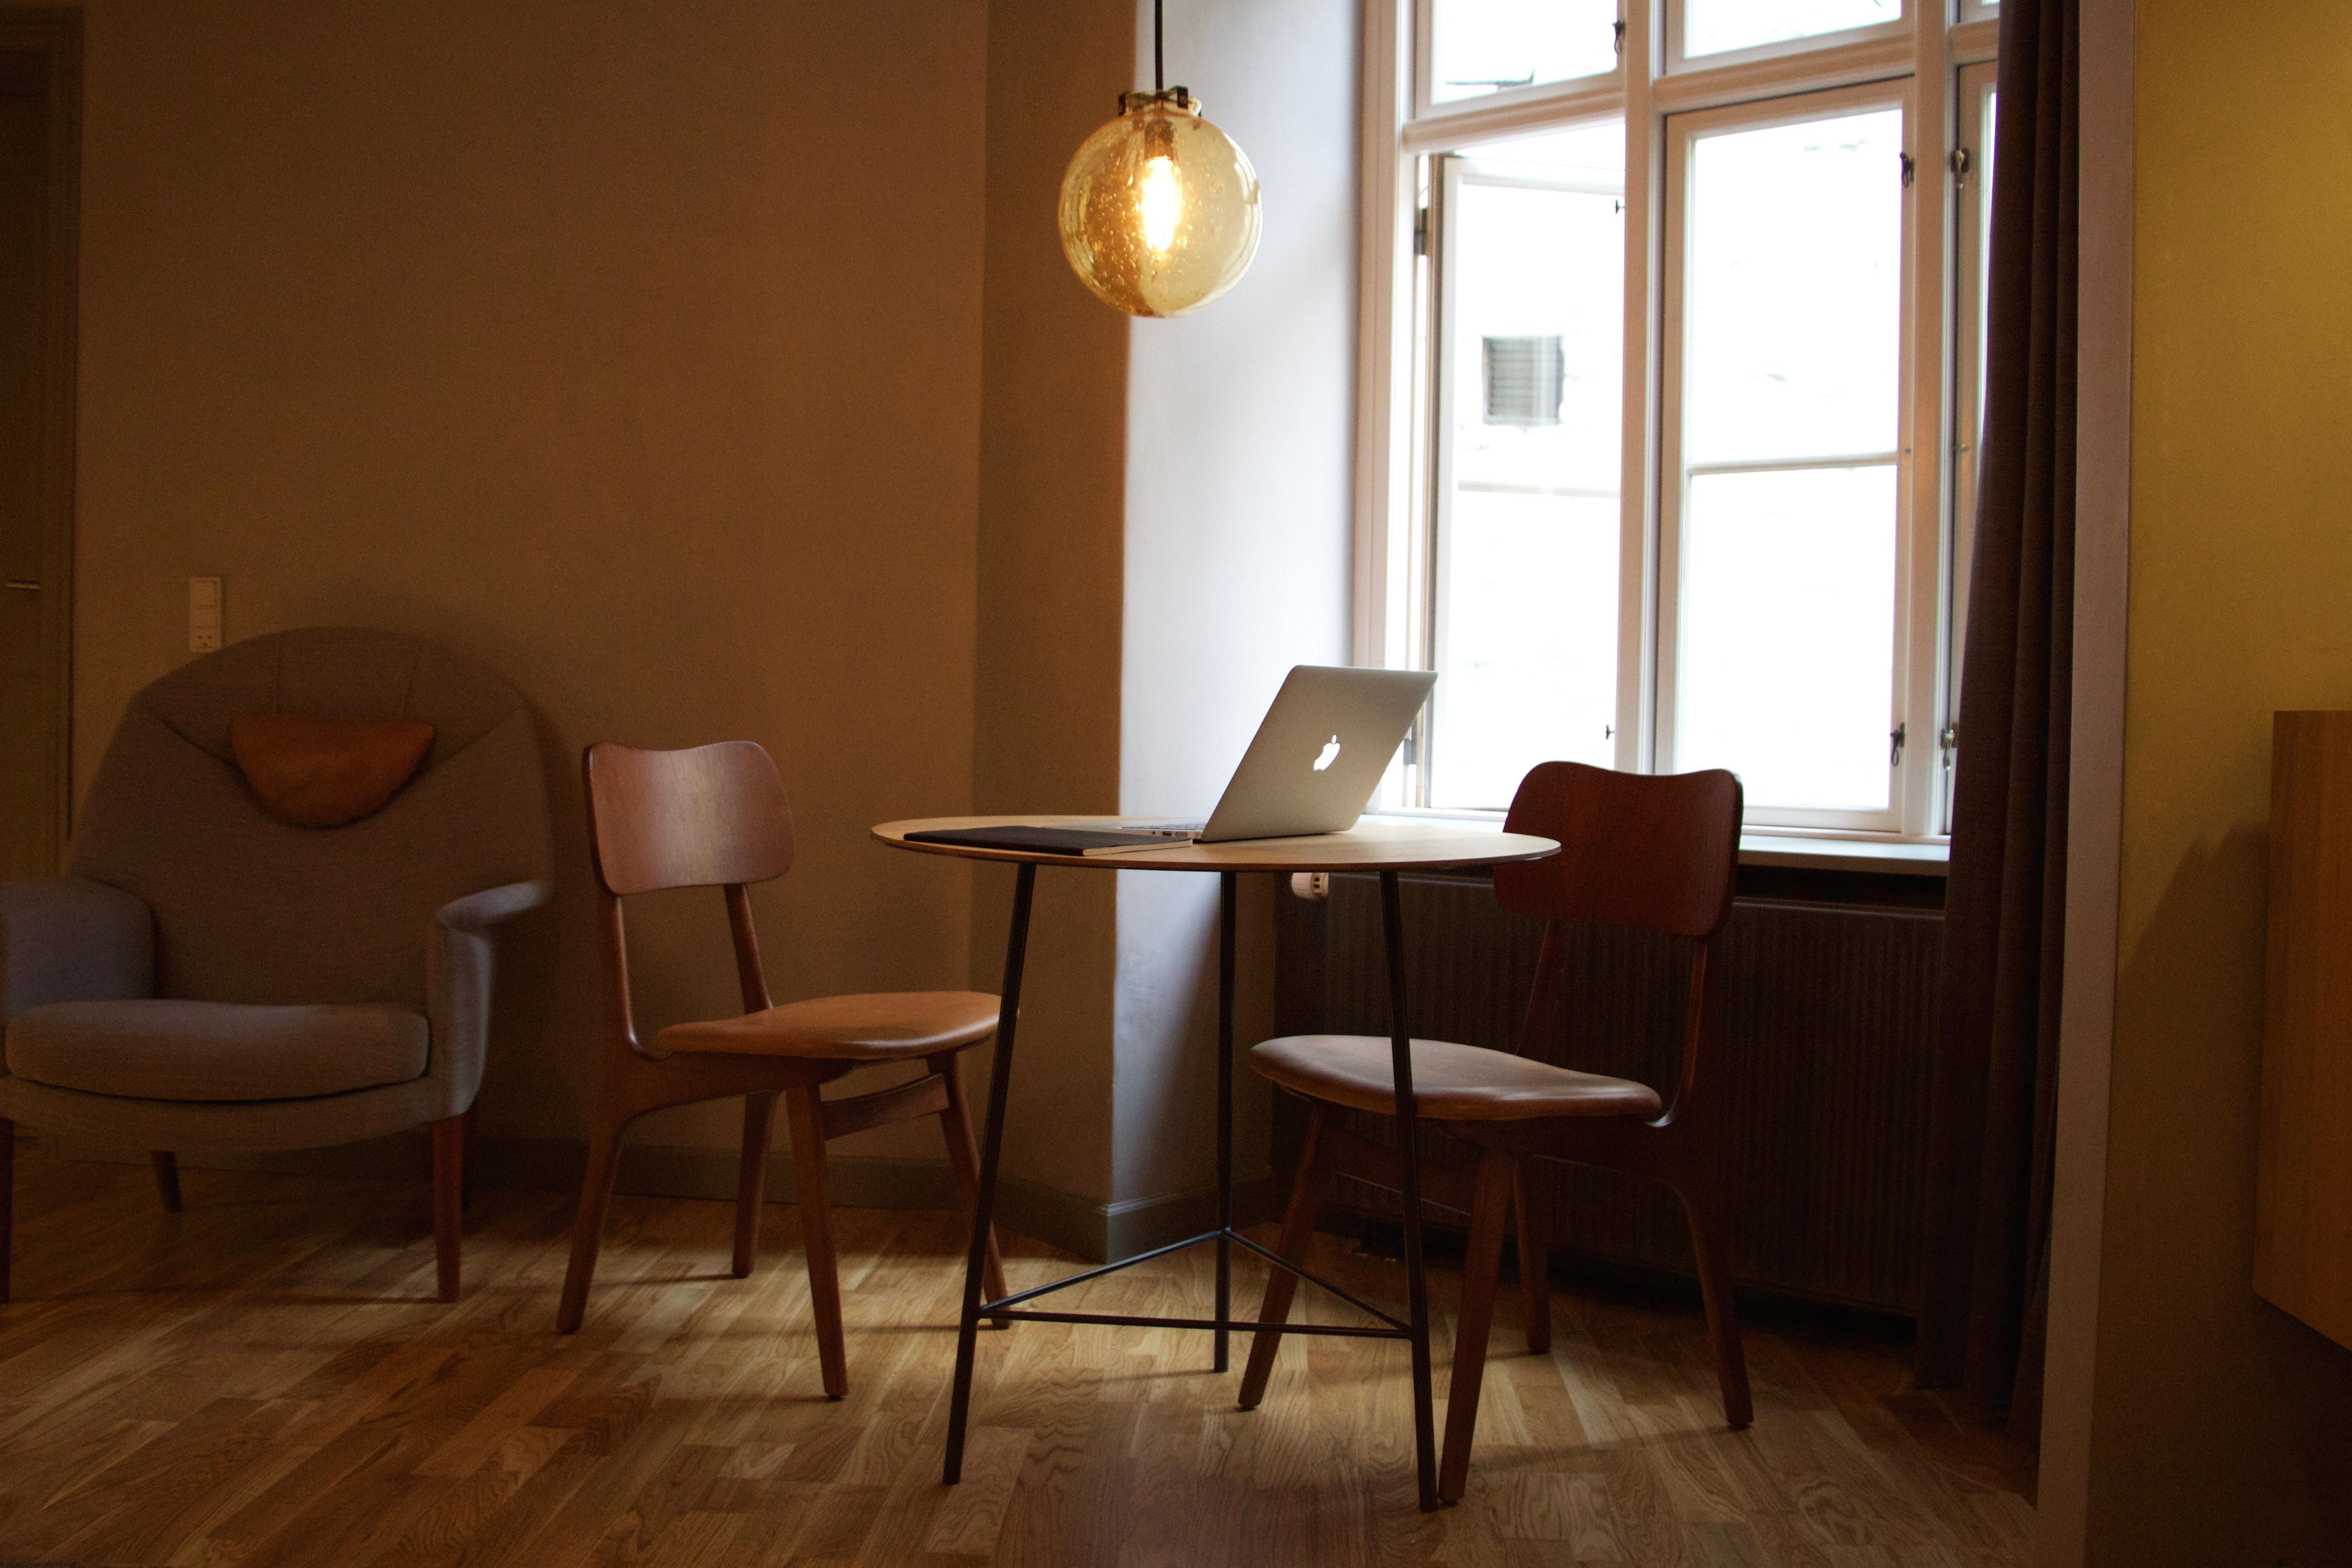 Image Libre Meuble Pi Ce Chaise Maison Table Moderne Int Rieur # Meuble De Maison Moderne